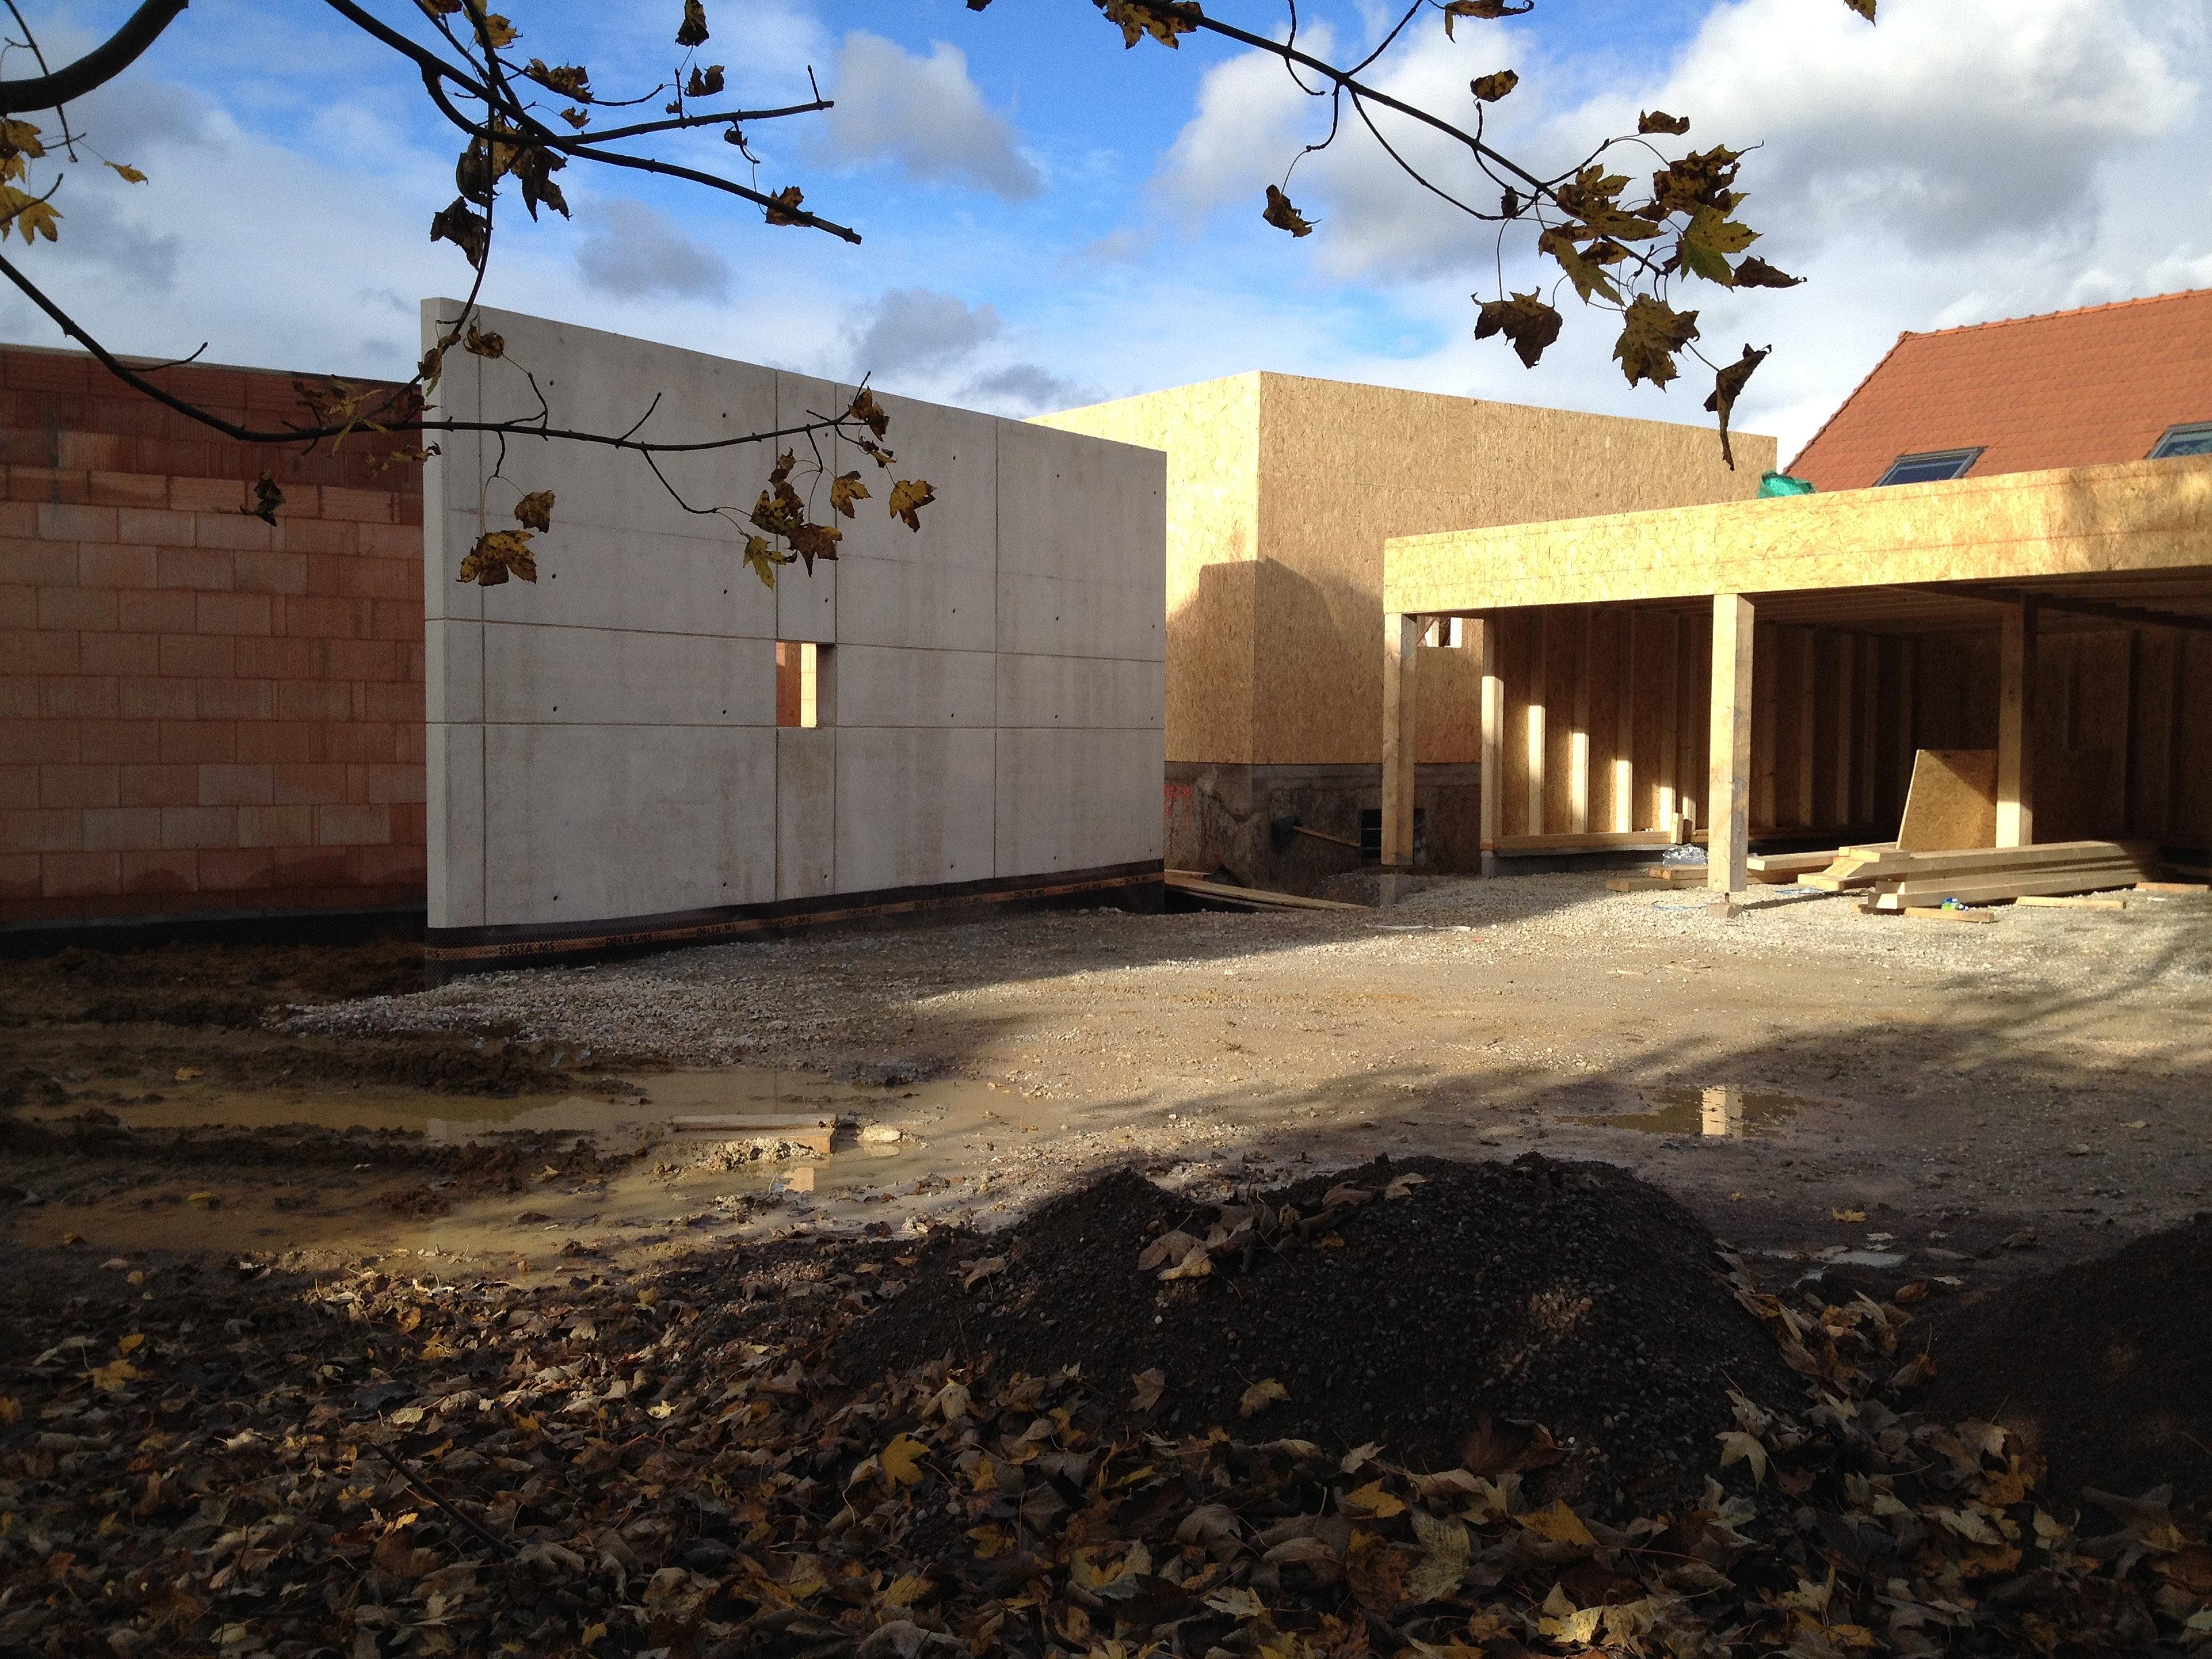 Sarl rodeschini b timent travaux publics mur en b ton for Architecte 3d hauteur mur